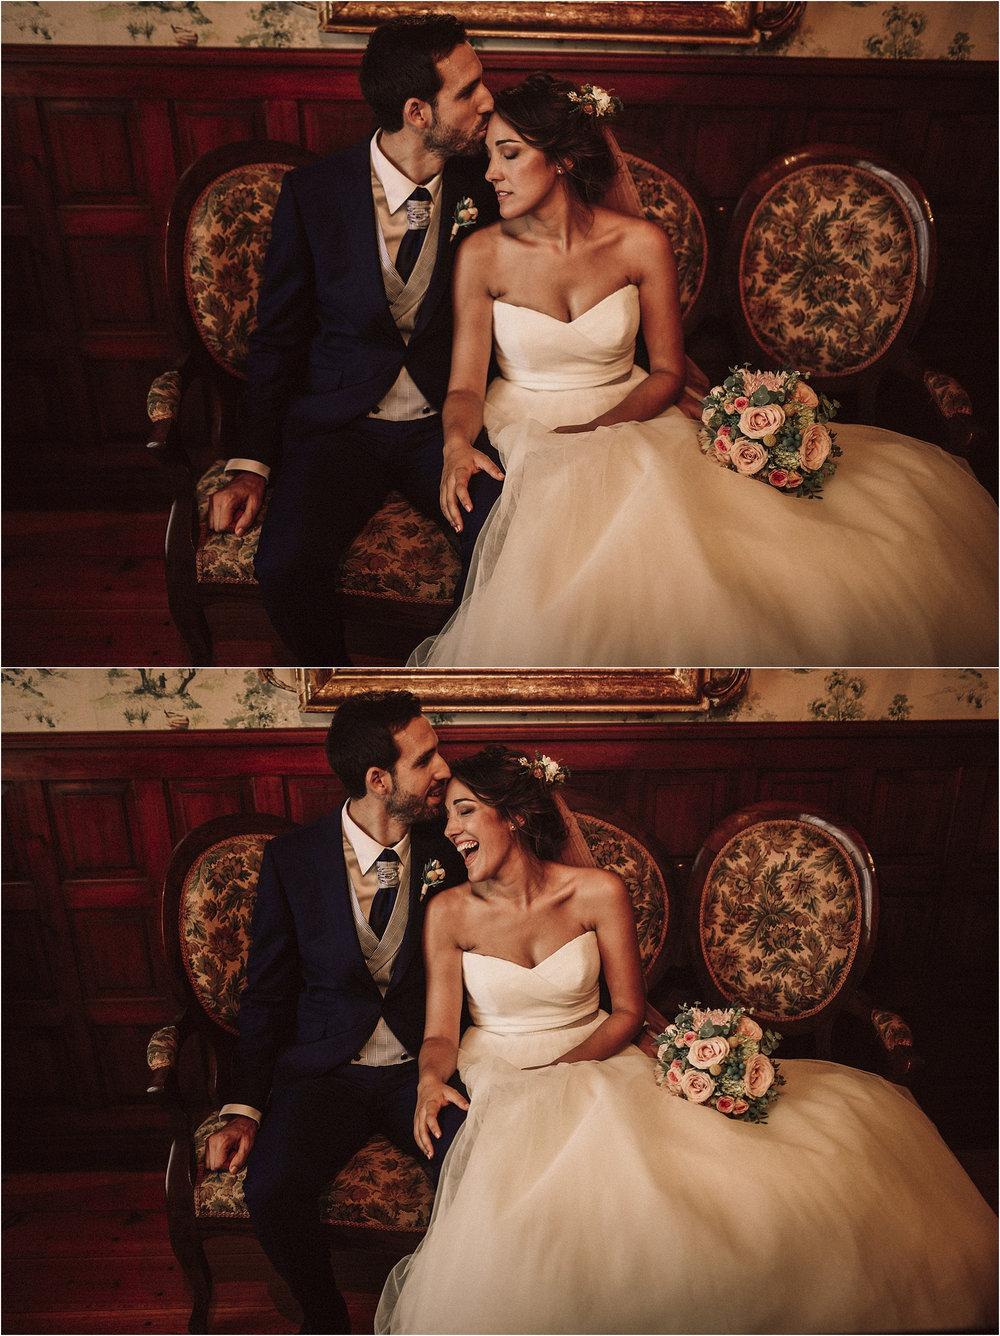 Fotografos-de-boda-donostia-zaragoza-san-sebastian-destination-wedding-photographer-71.jpg